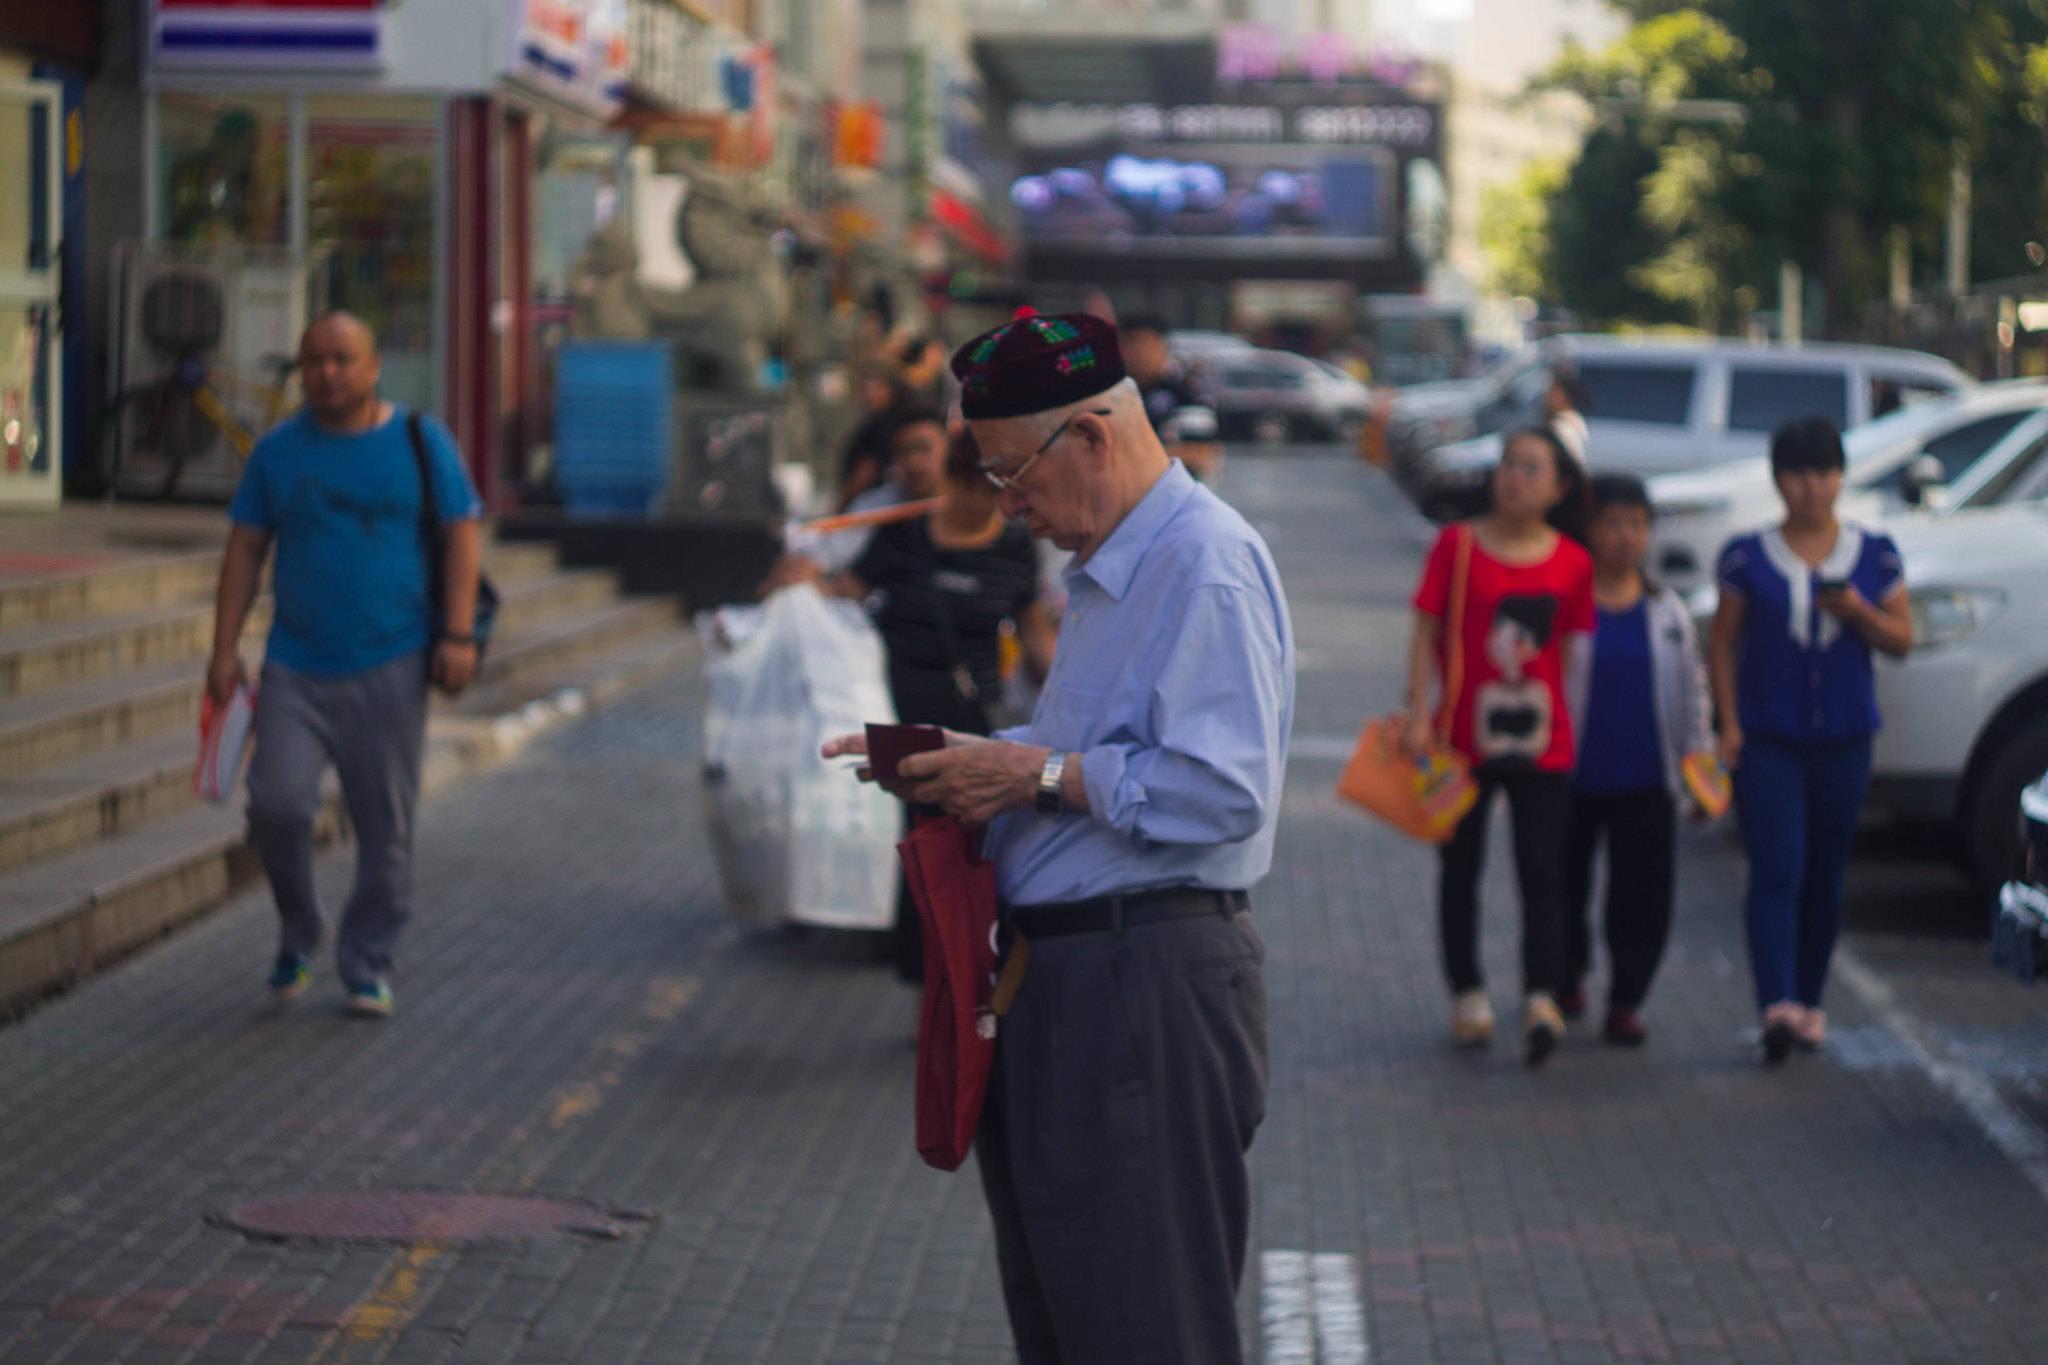 新疆各城市gdp_新疆这座人口仅49万的城市,人均GDP高居全国第一30年